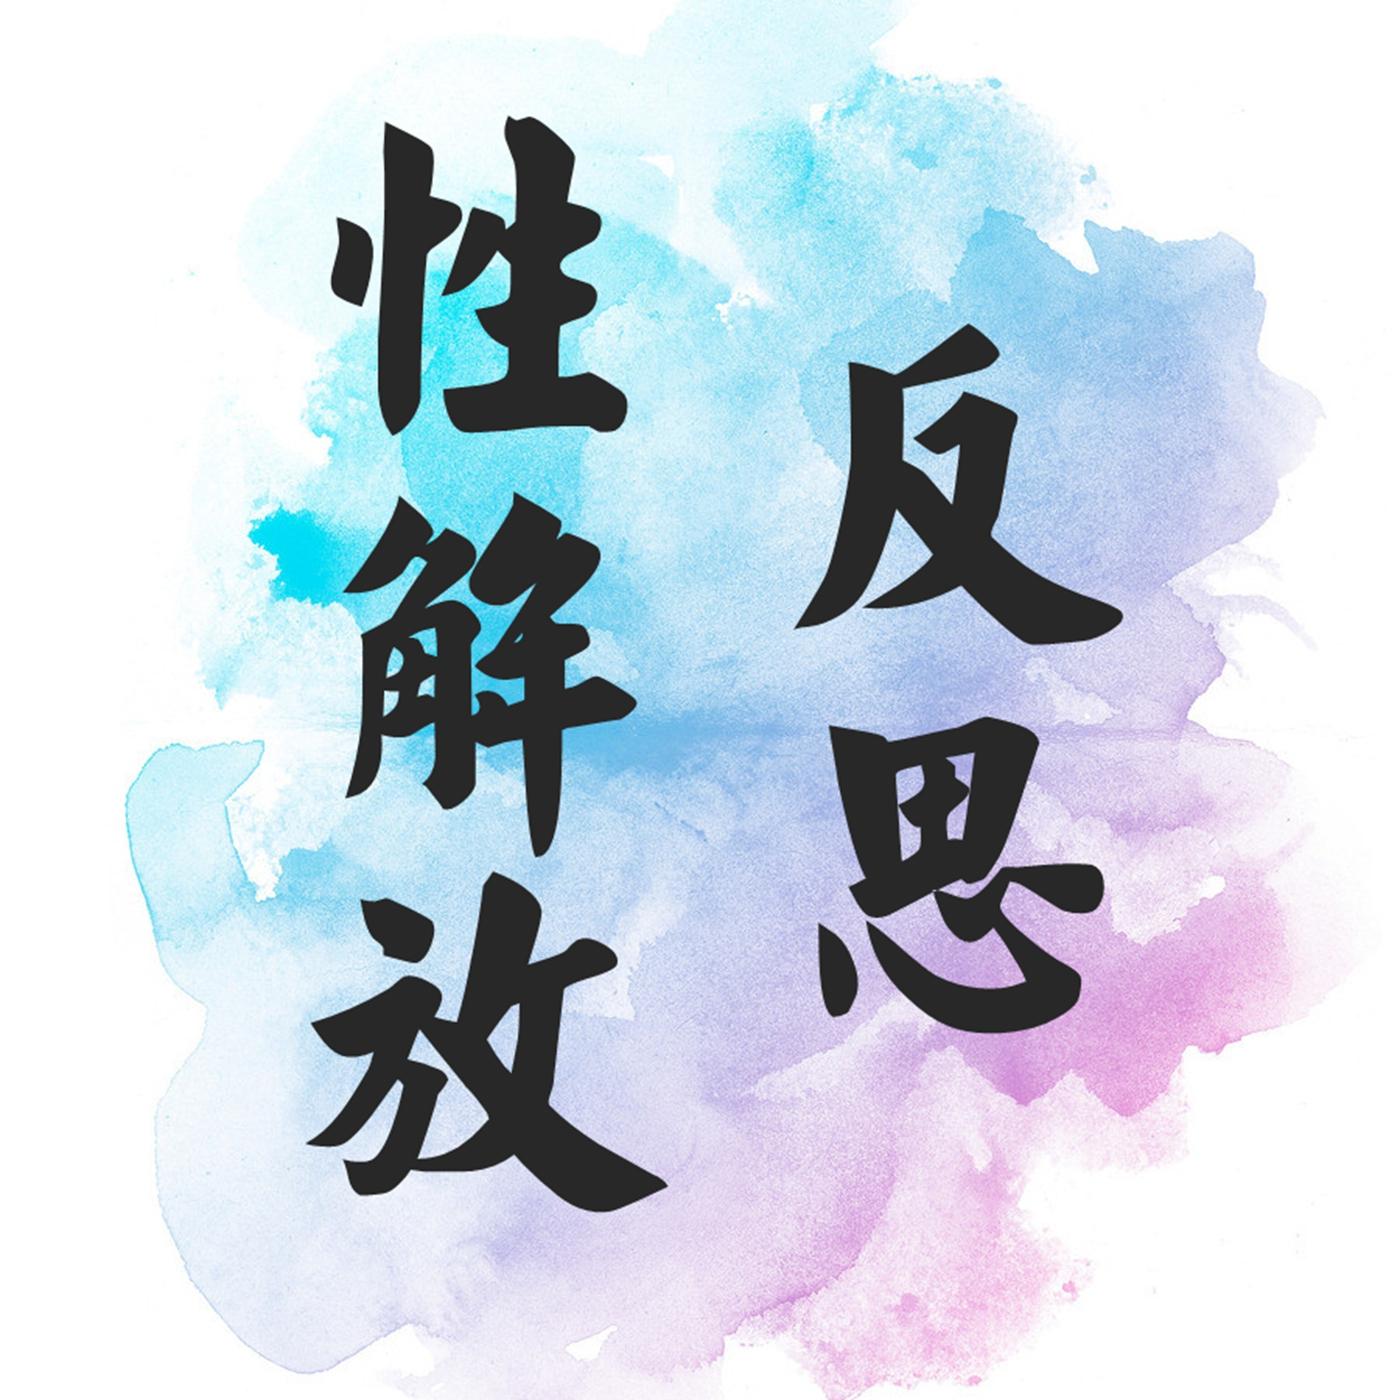 反思性解放(夏红老师)